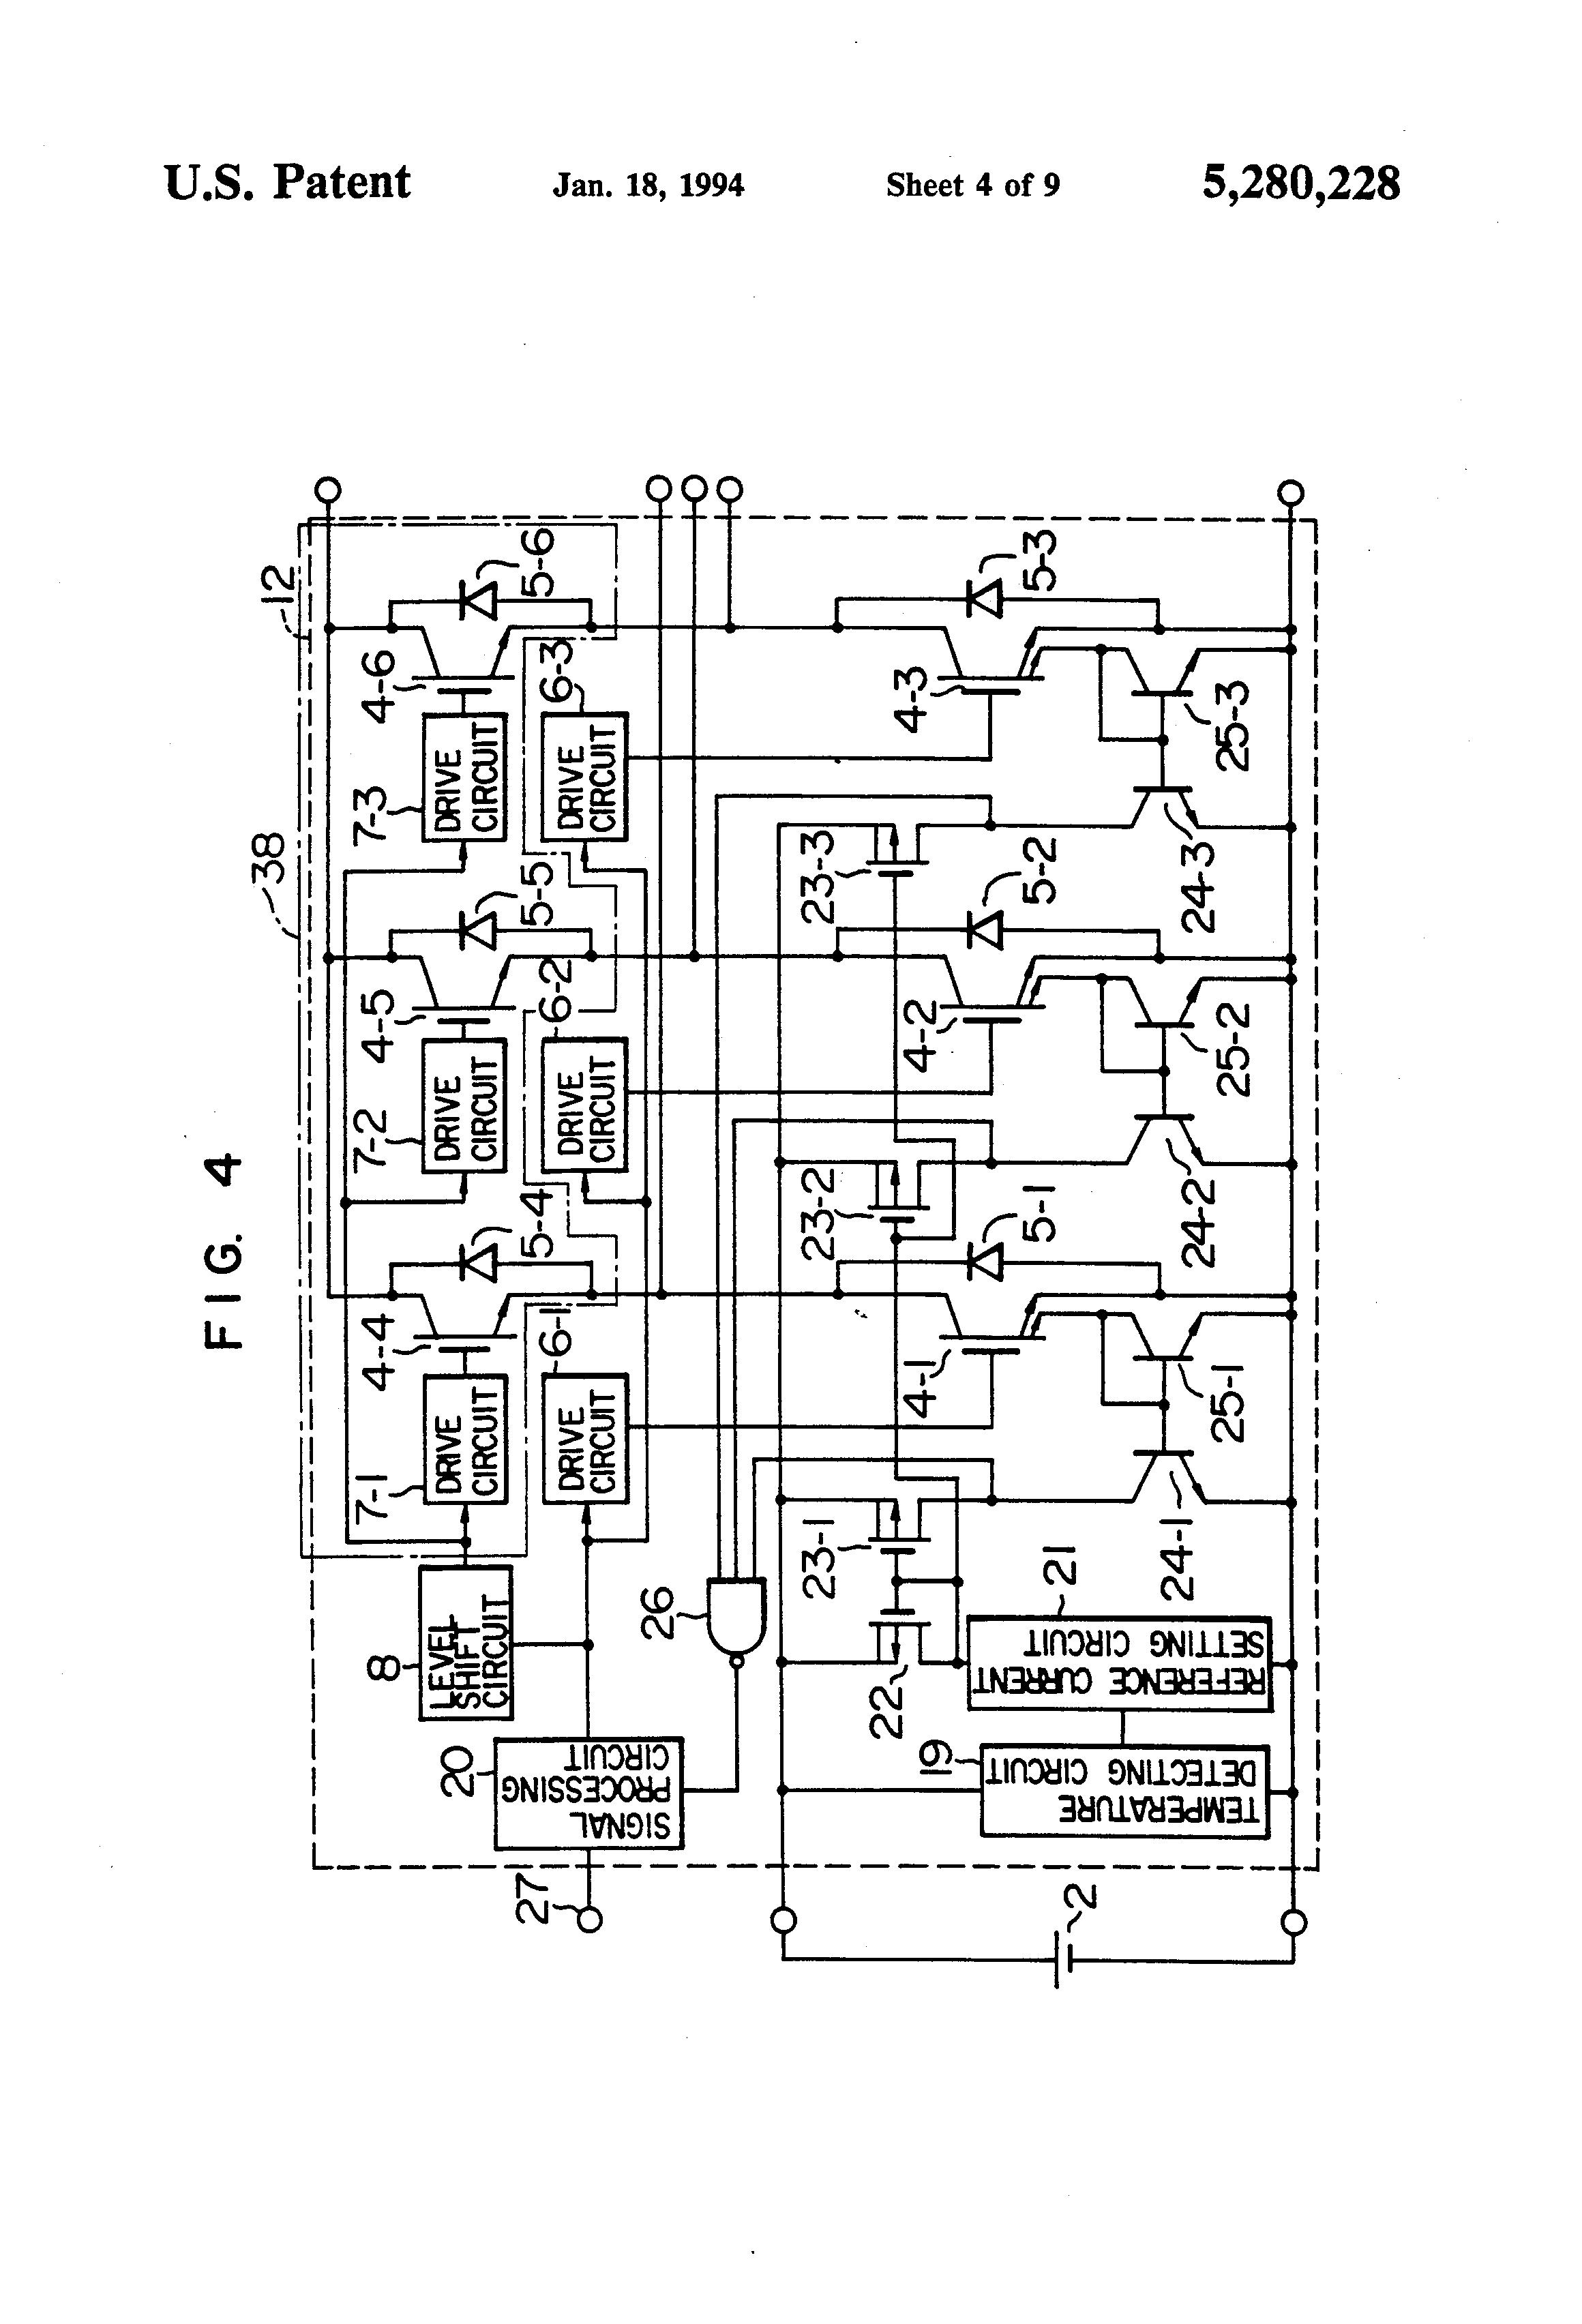 wiring diagram for 120 volt reversible motor 220 volt